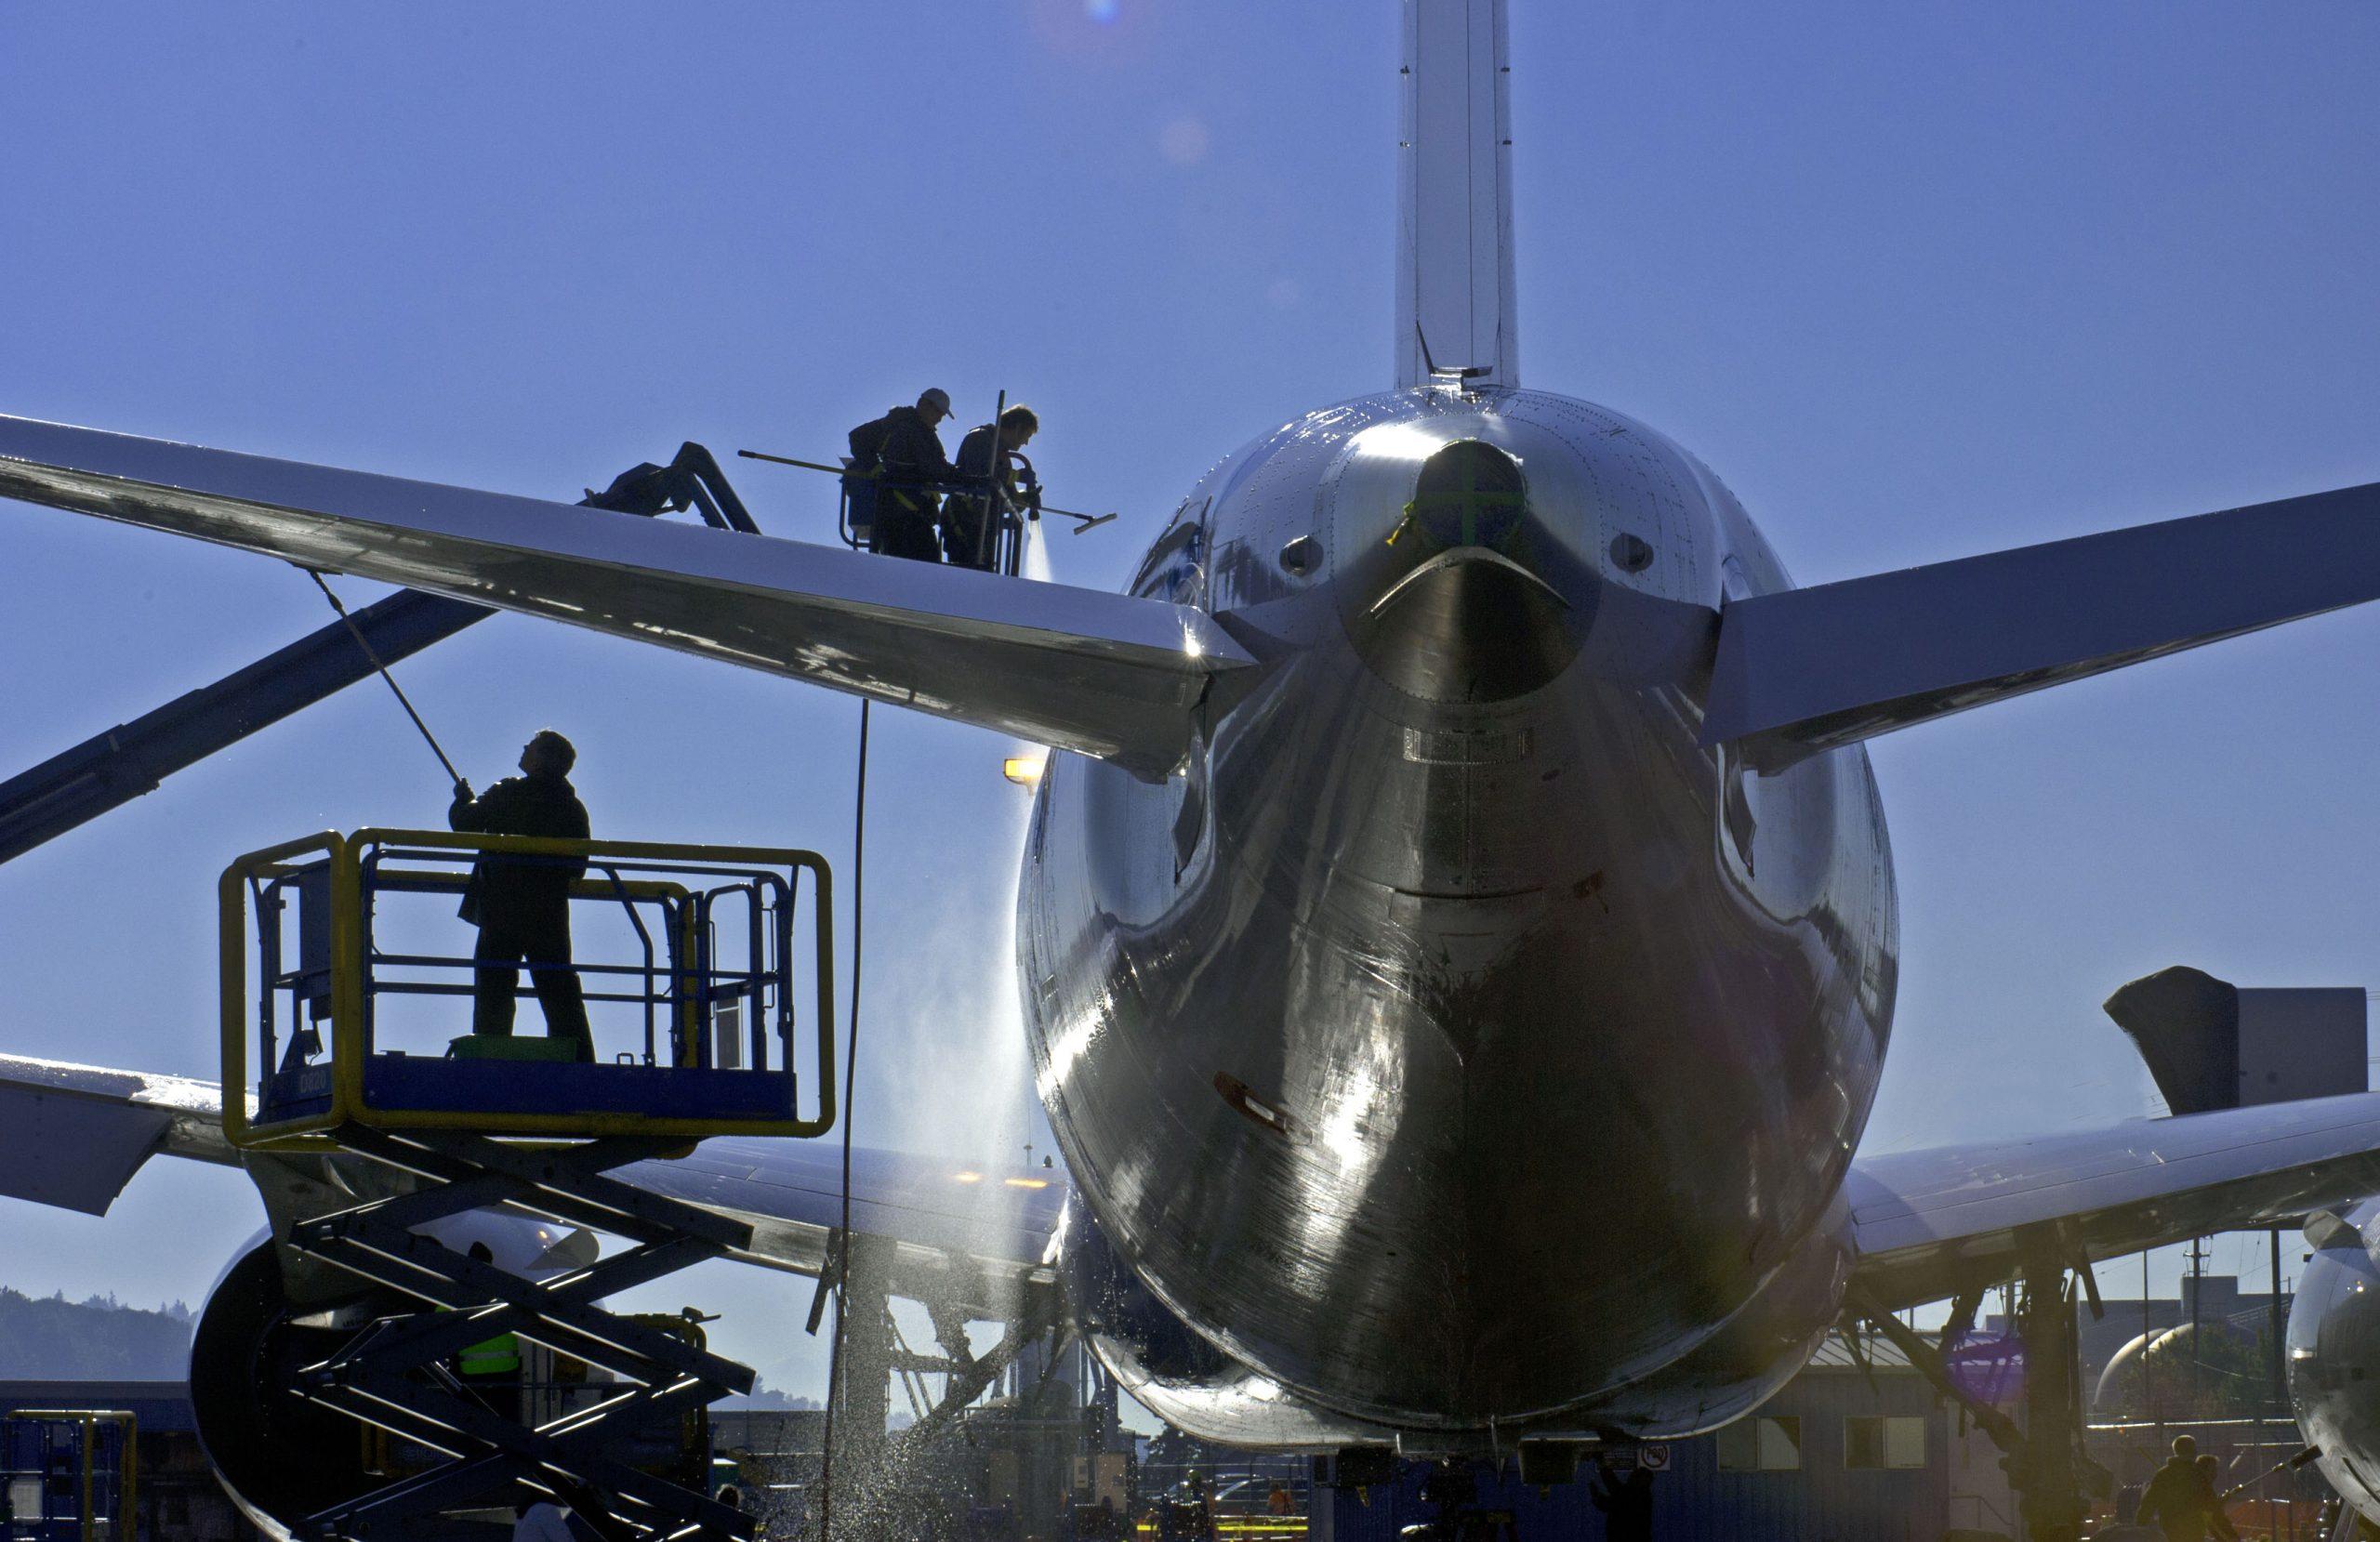 Med udgangen af september udløber USA's nuværende støtteordninger for flyselskaber. Bliver de ikke forlænget, frygter Boeings koncernchef en konkurs blandt et af USA's største flyselskaber. Arkivpressefoto fra Boeing.